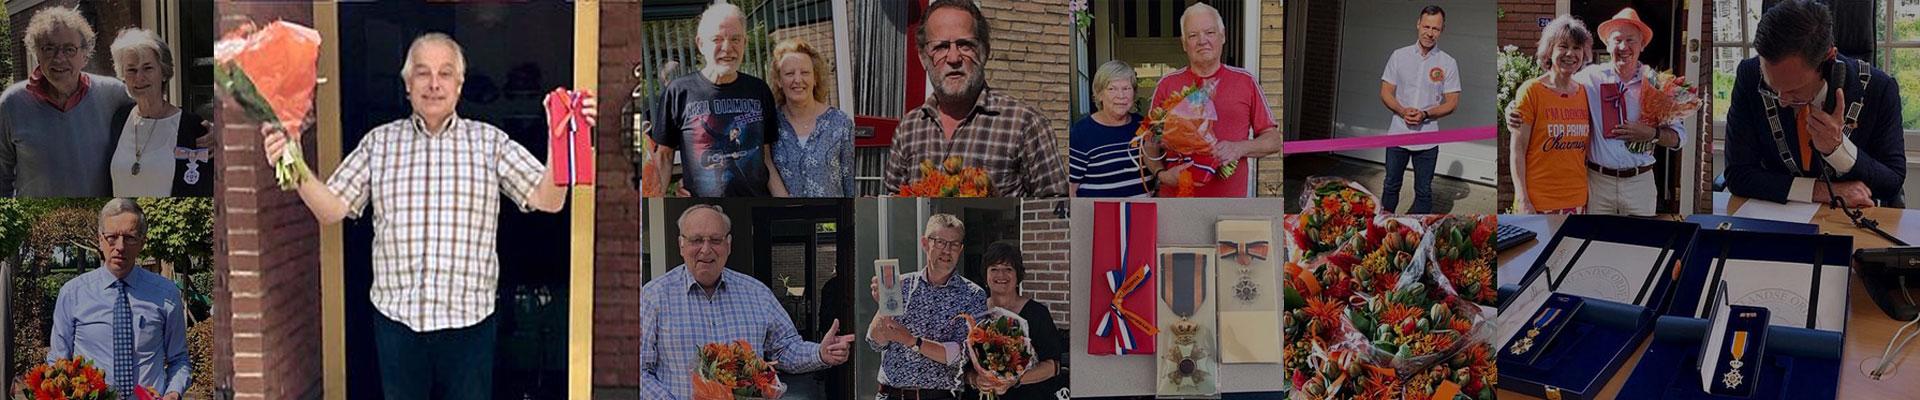 Lintje voor Adriaan Hoogendoorn